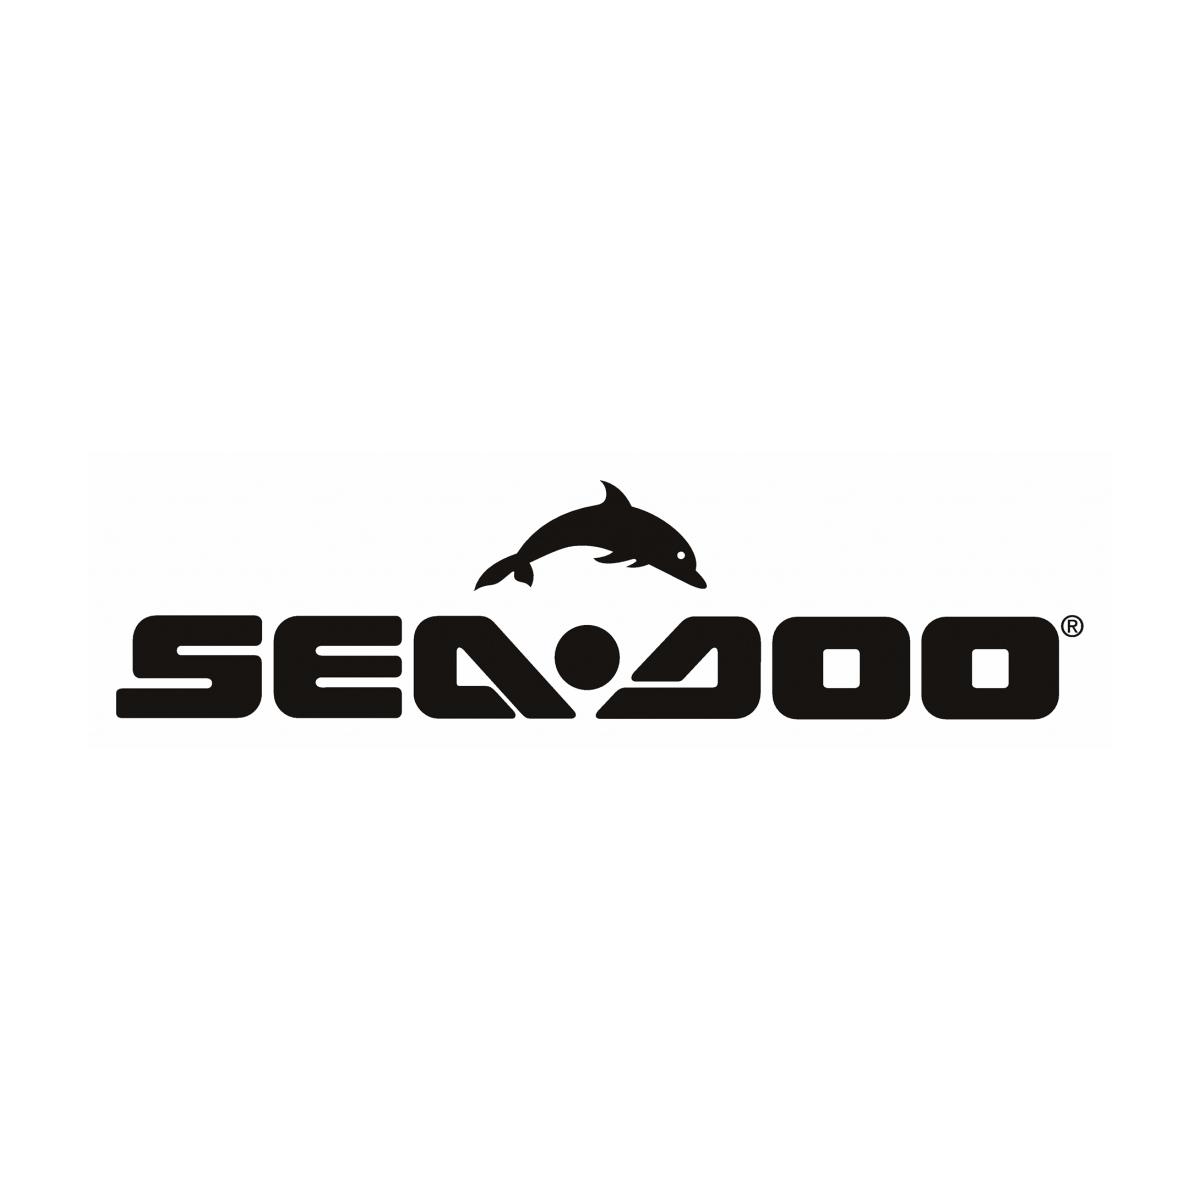 Biela para Jet Ski Sea Doo 950 CC  - Radical Peças - Peças para Jet Ski